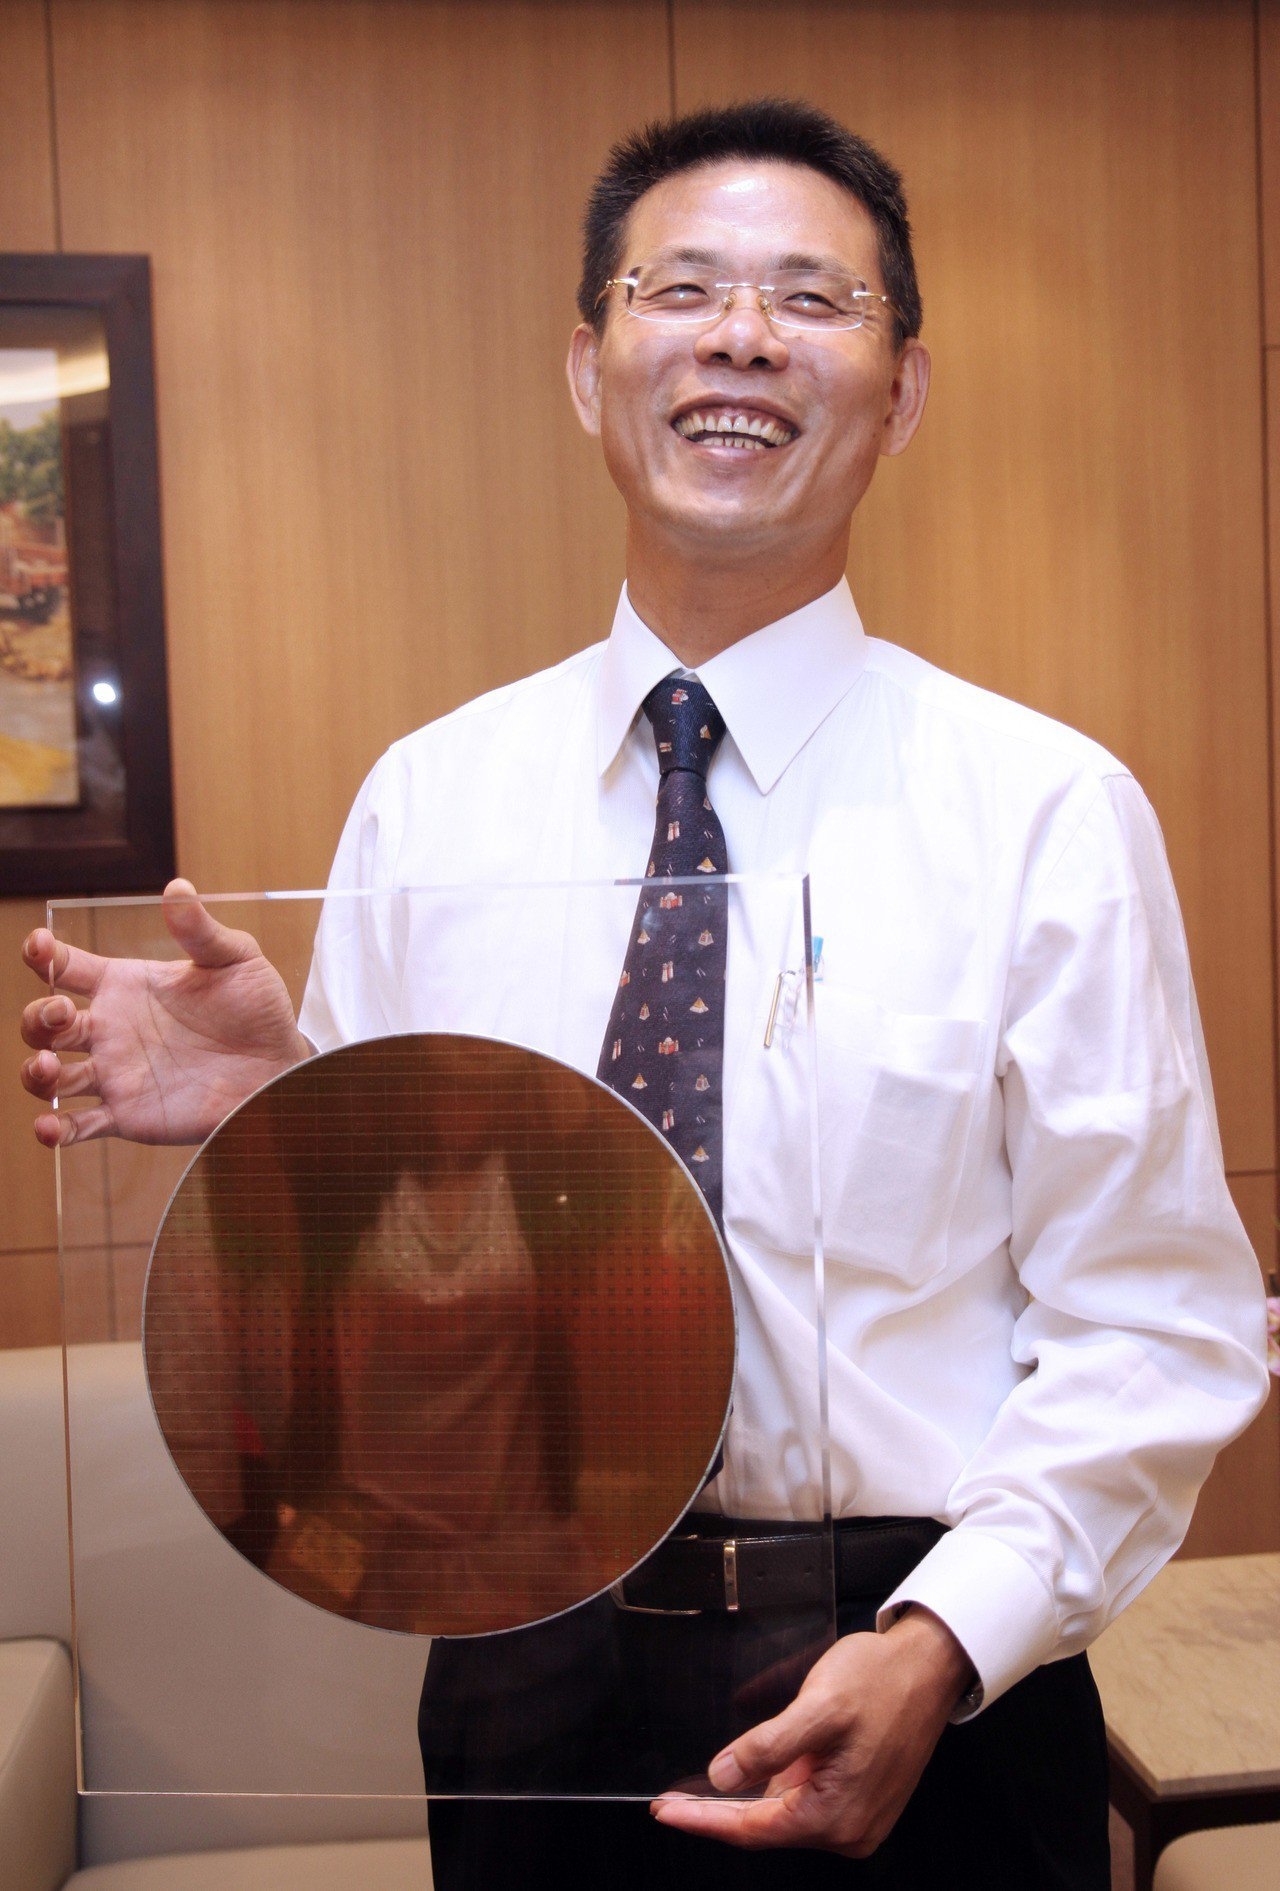 前美光高階主管,現任福建晉華總經理陳正坤。 報系資料照片